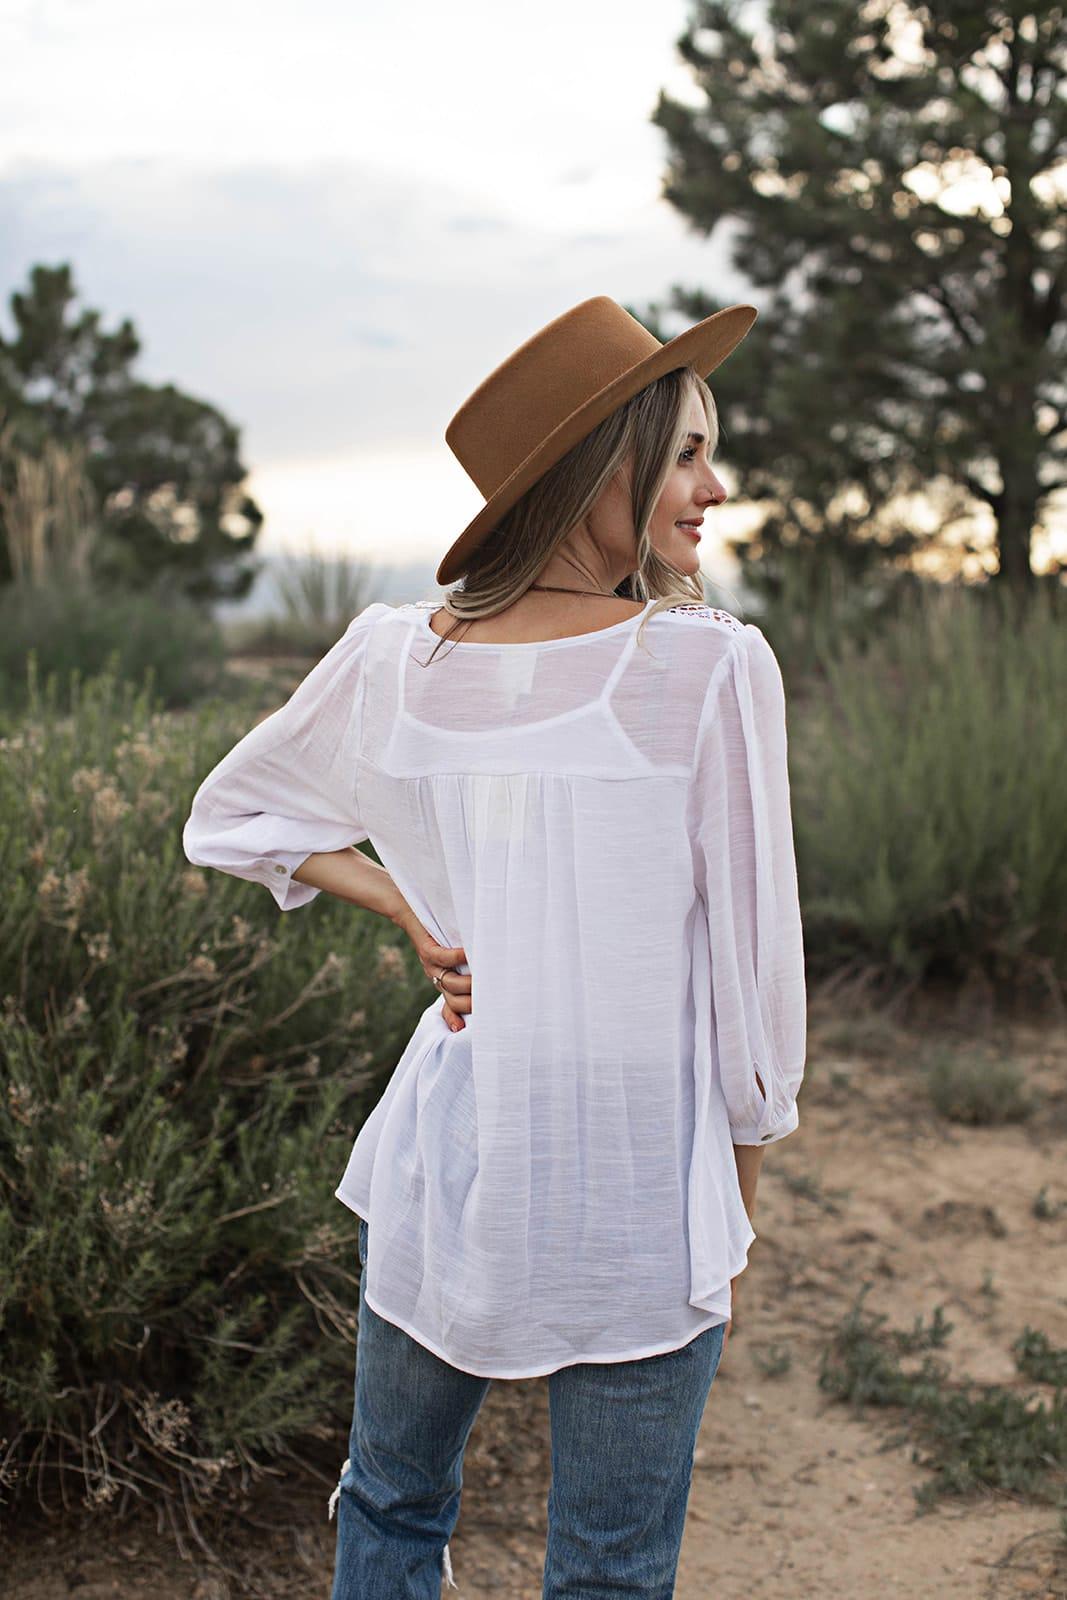 Crochet Textured Blouse - White - Back